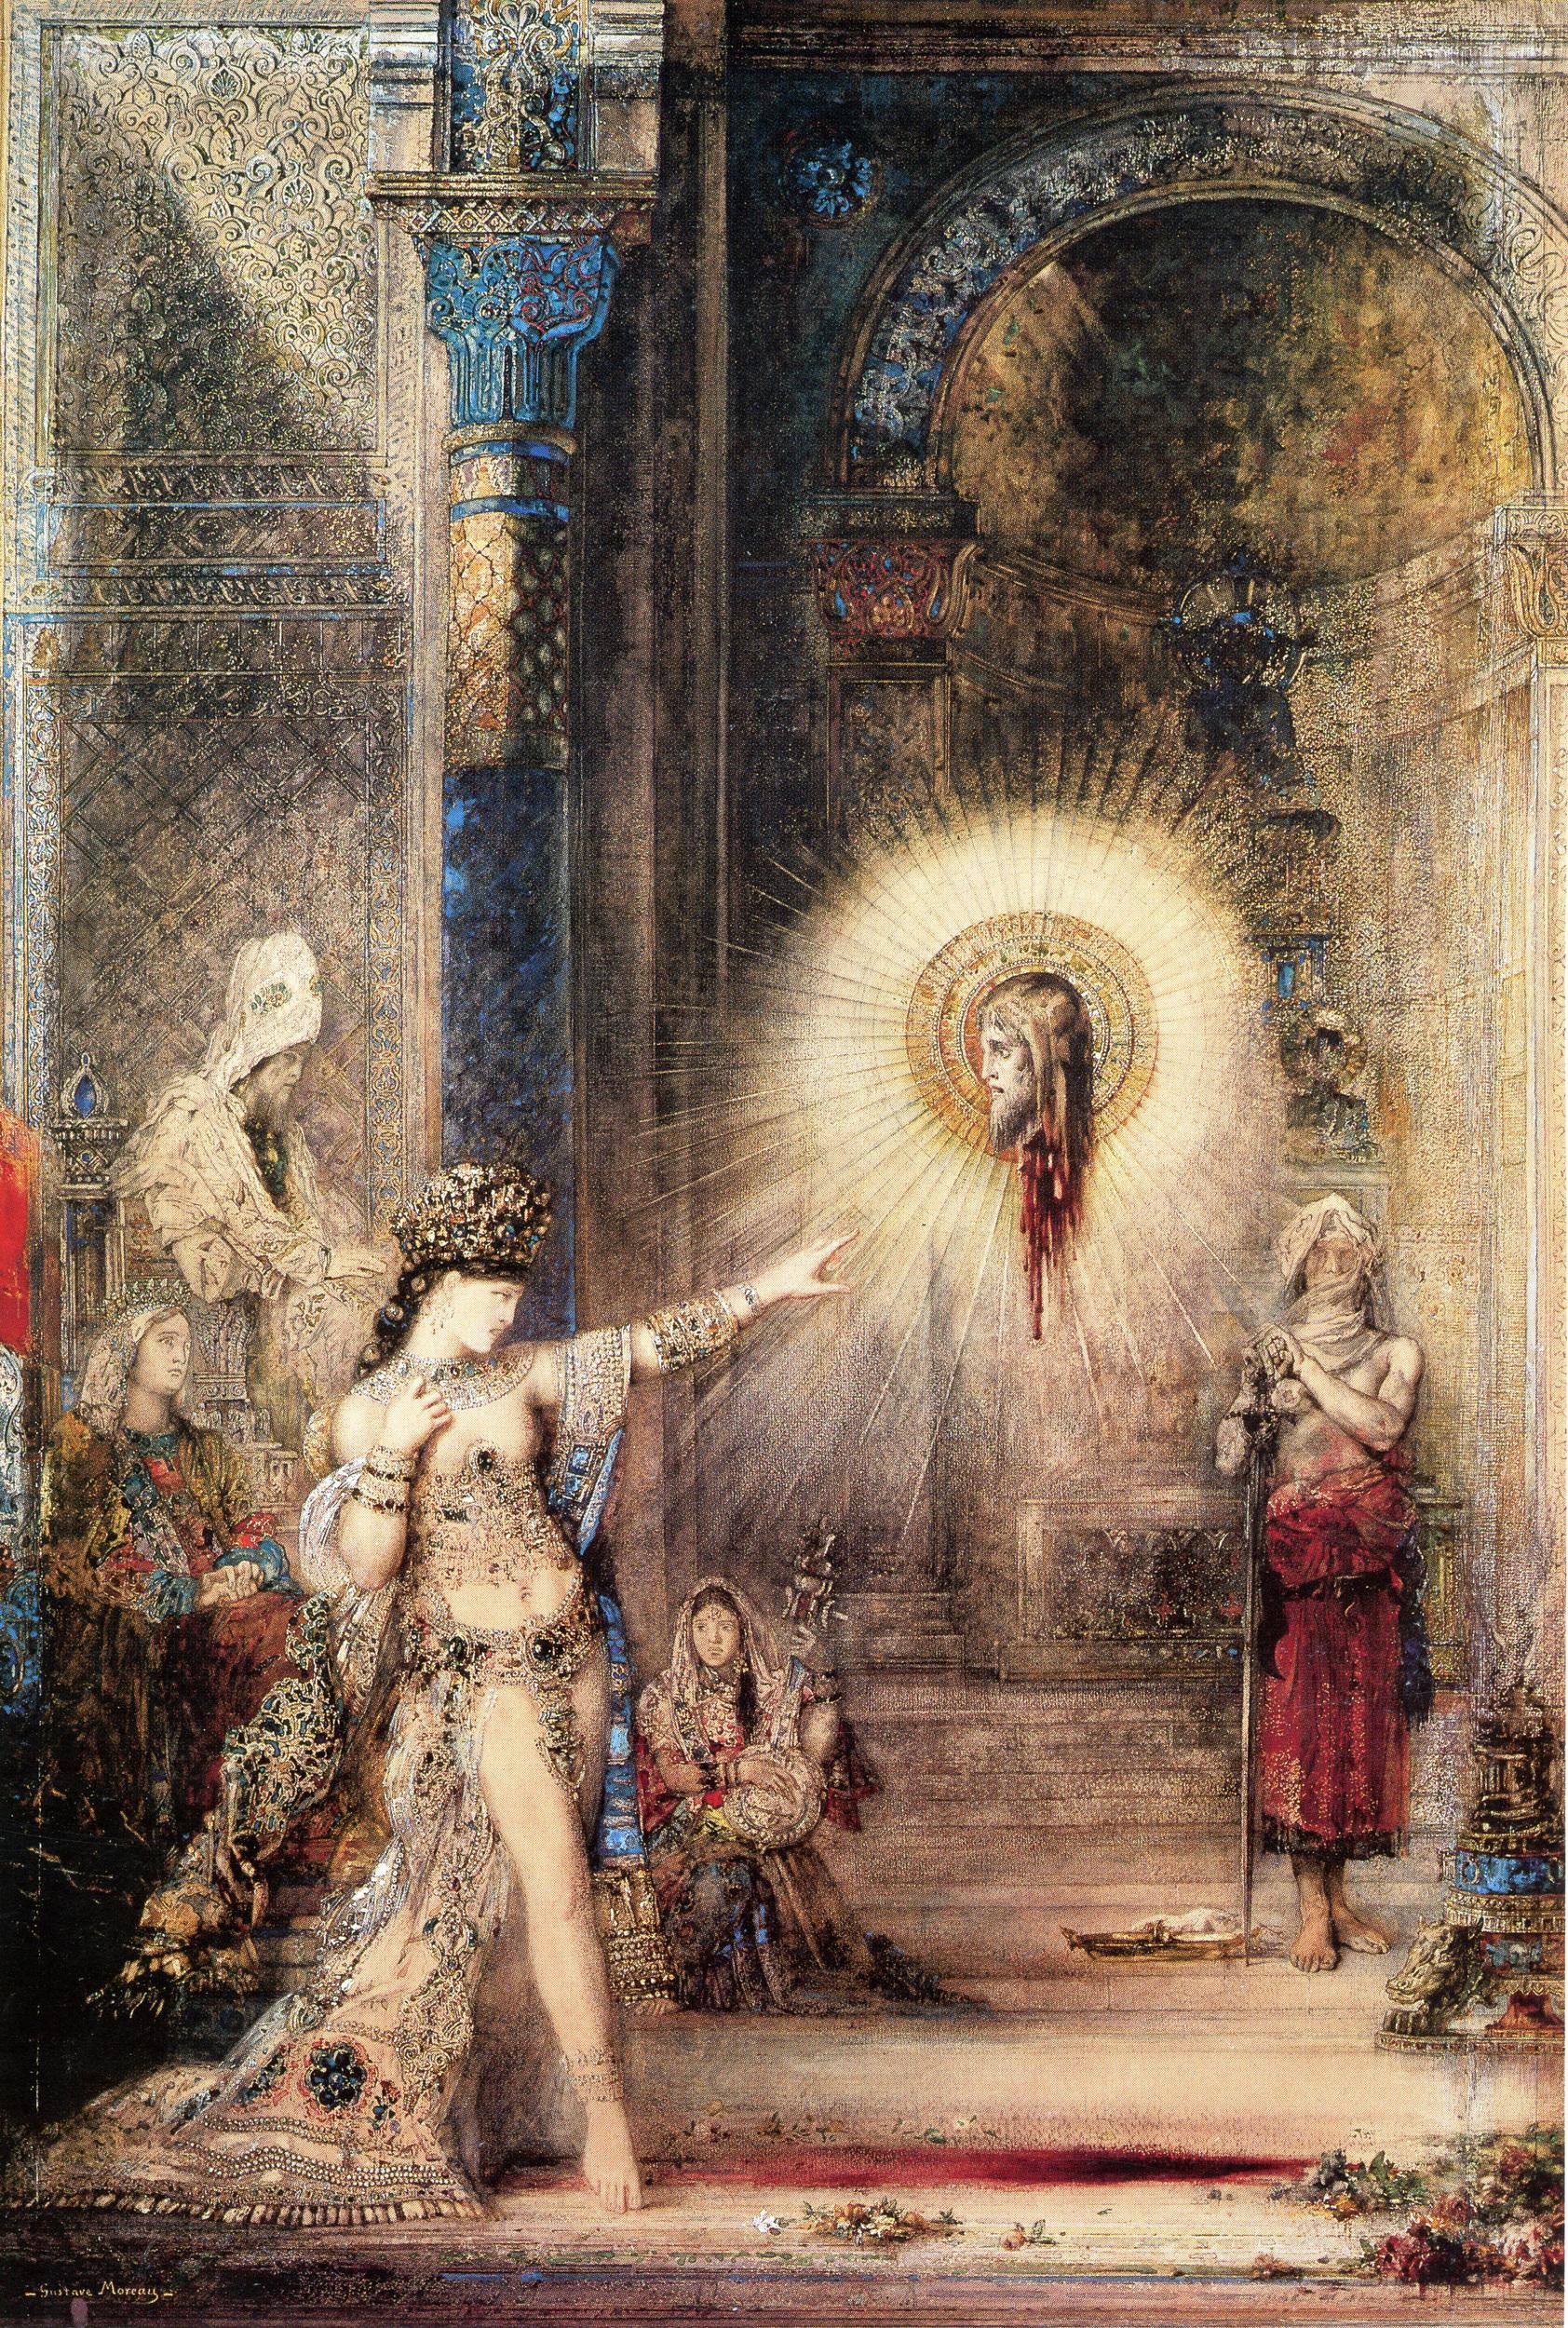 Pongan un cuadro en su vida - Página 12 The_Apparition%2C_Gustave_Moreau_1876